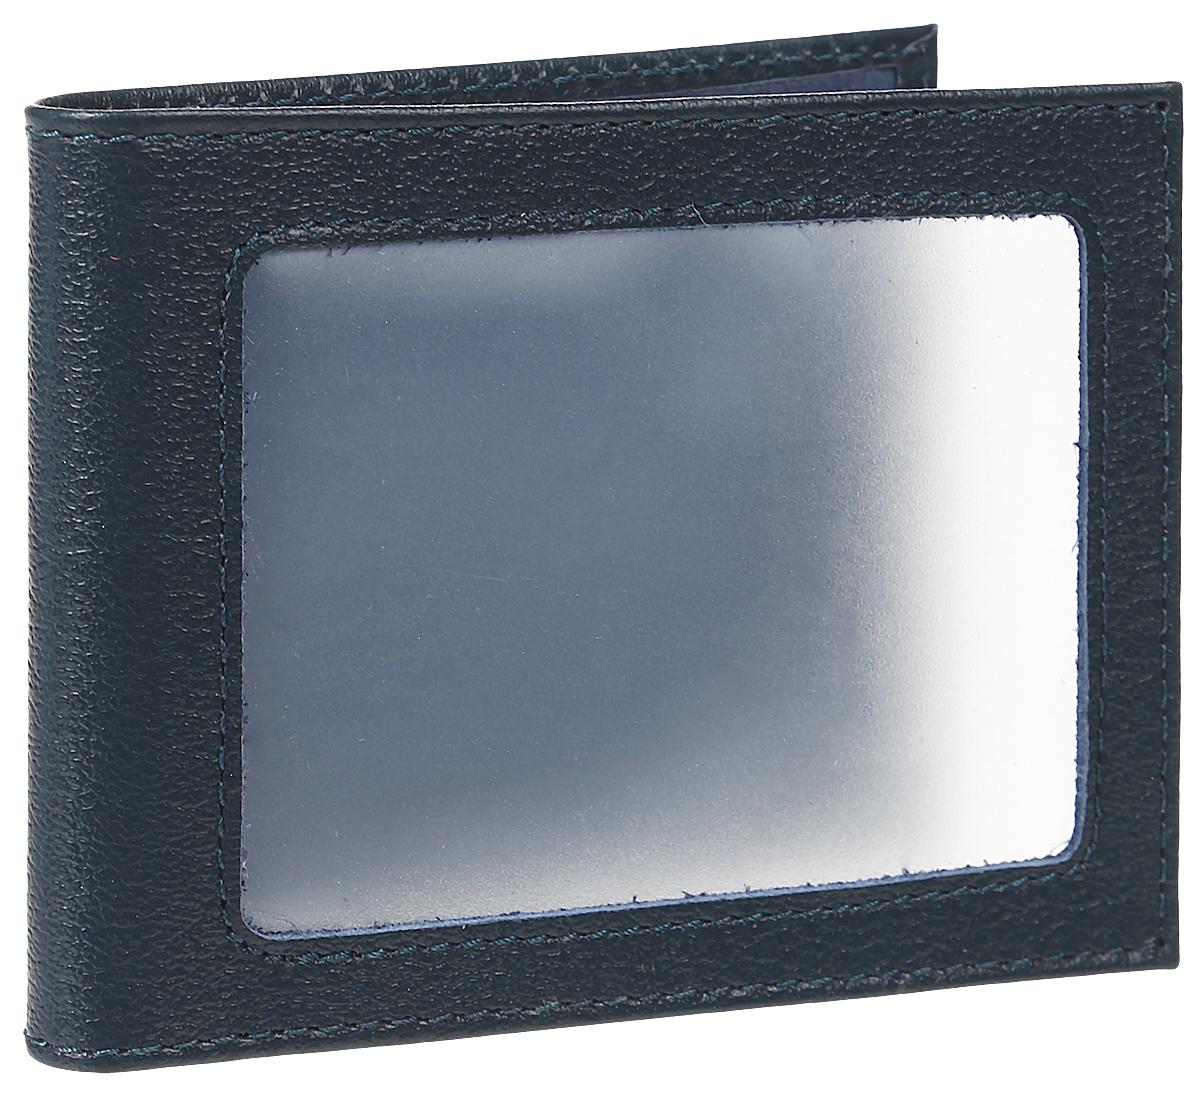 Обложка для удостоверения мужская Befler Грейд, цвет: темно-синий. F.13.-9F.13.-9Обложка для удостоверения из коллекции Грейд выполнена из натуральной кожи. На внутреннем развороте 2 кармана из прозрачного пластика.